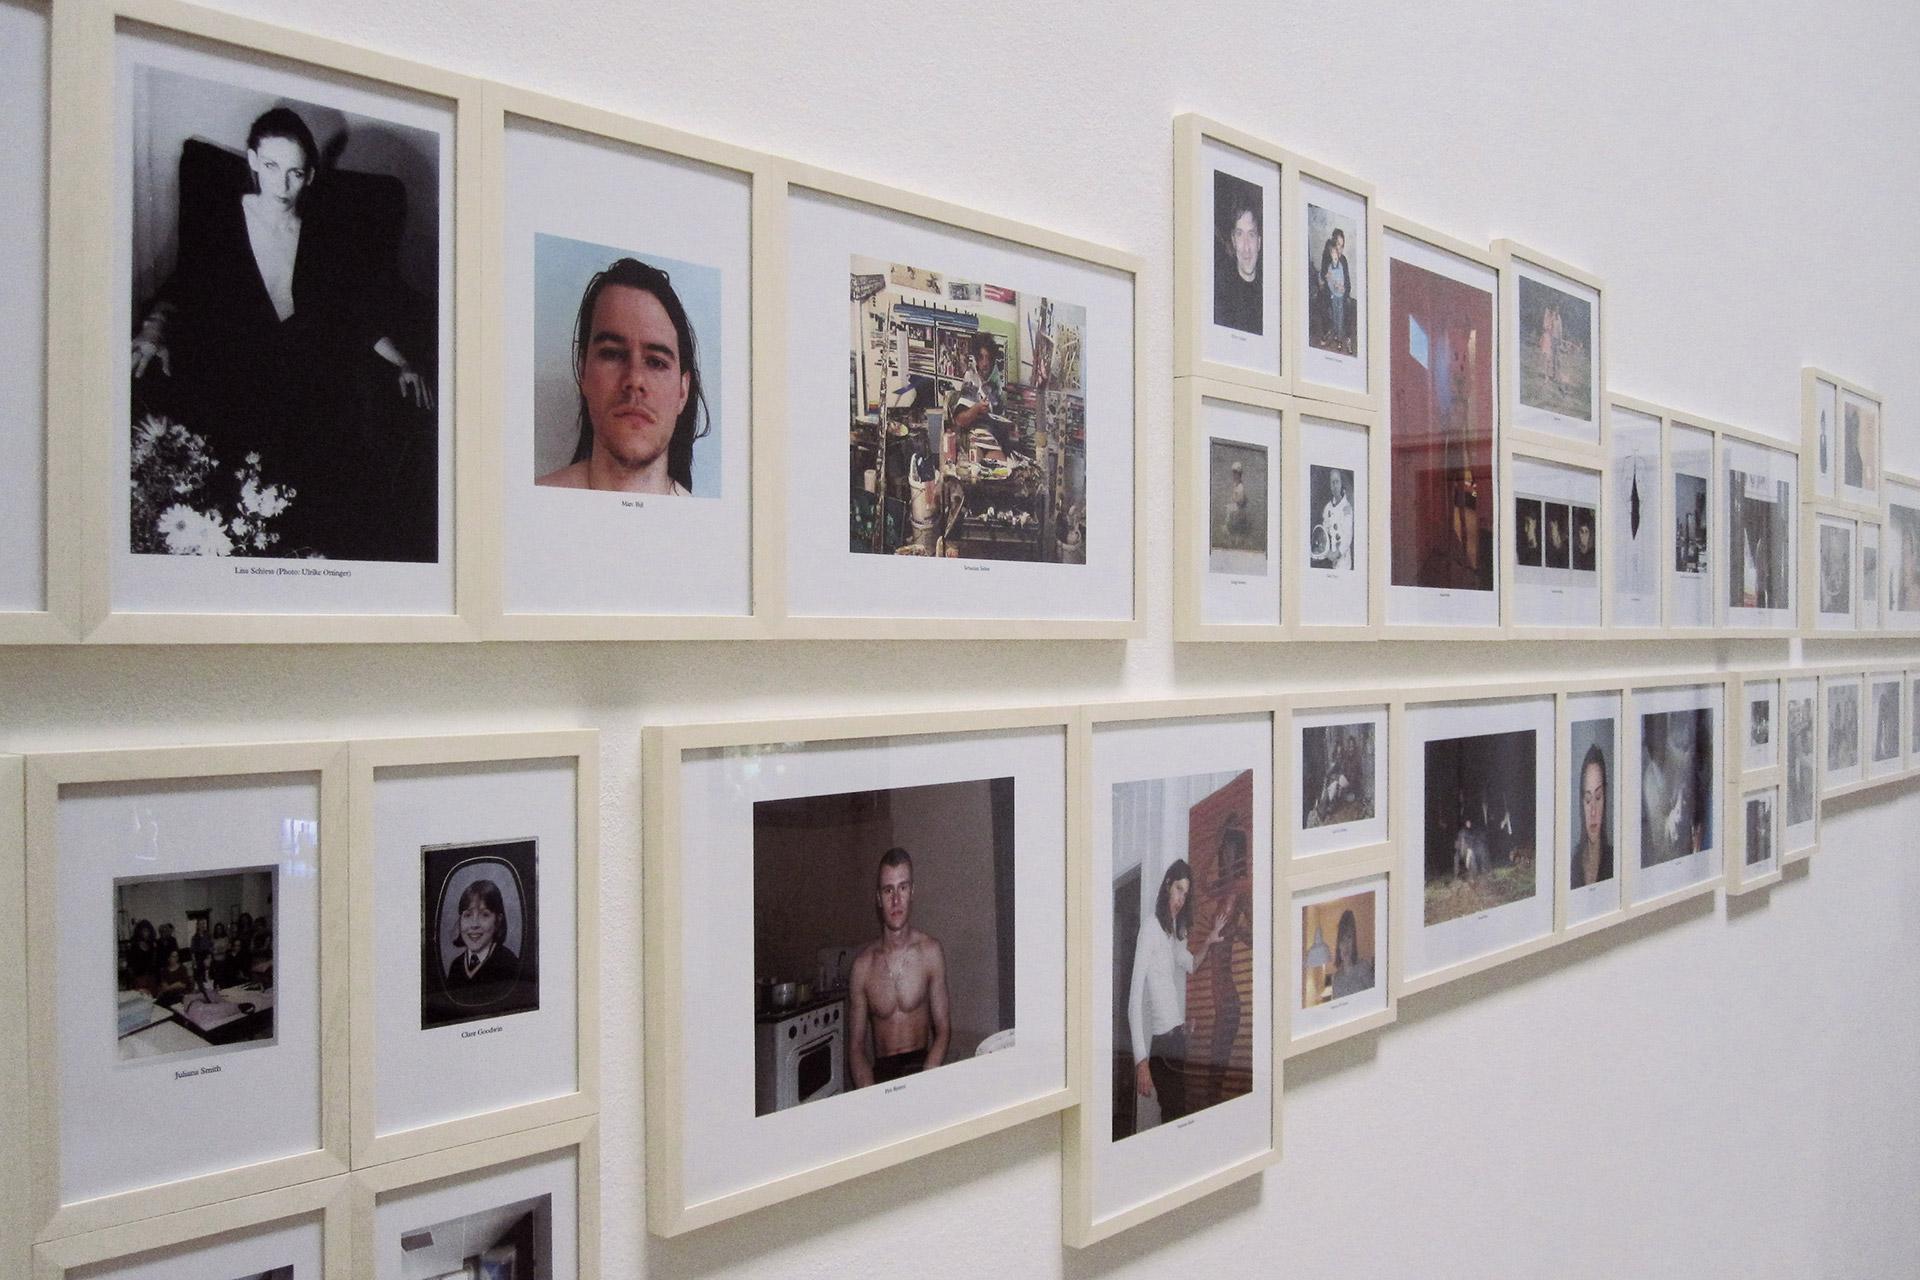 Irina-Botea-Kunsthalle-Winterthur-2011-1.jpg